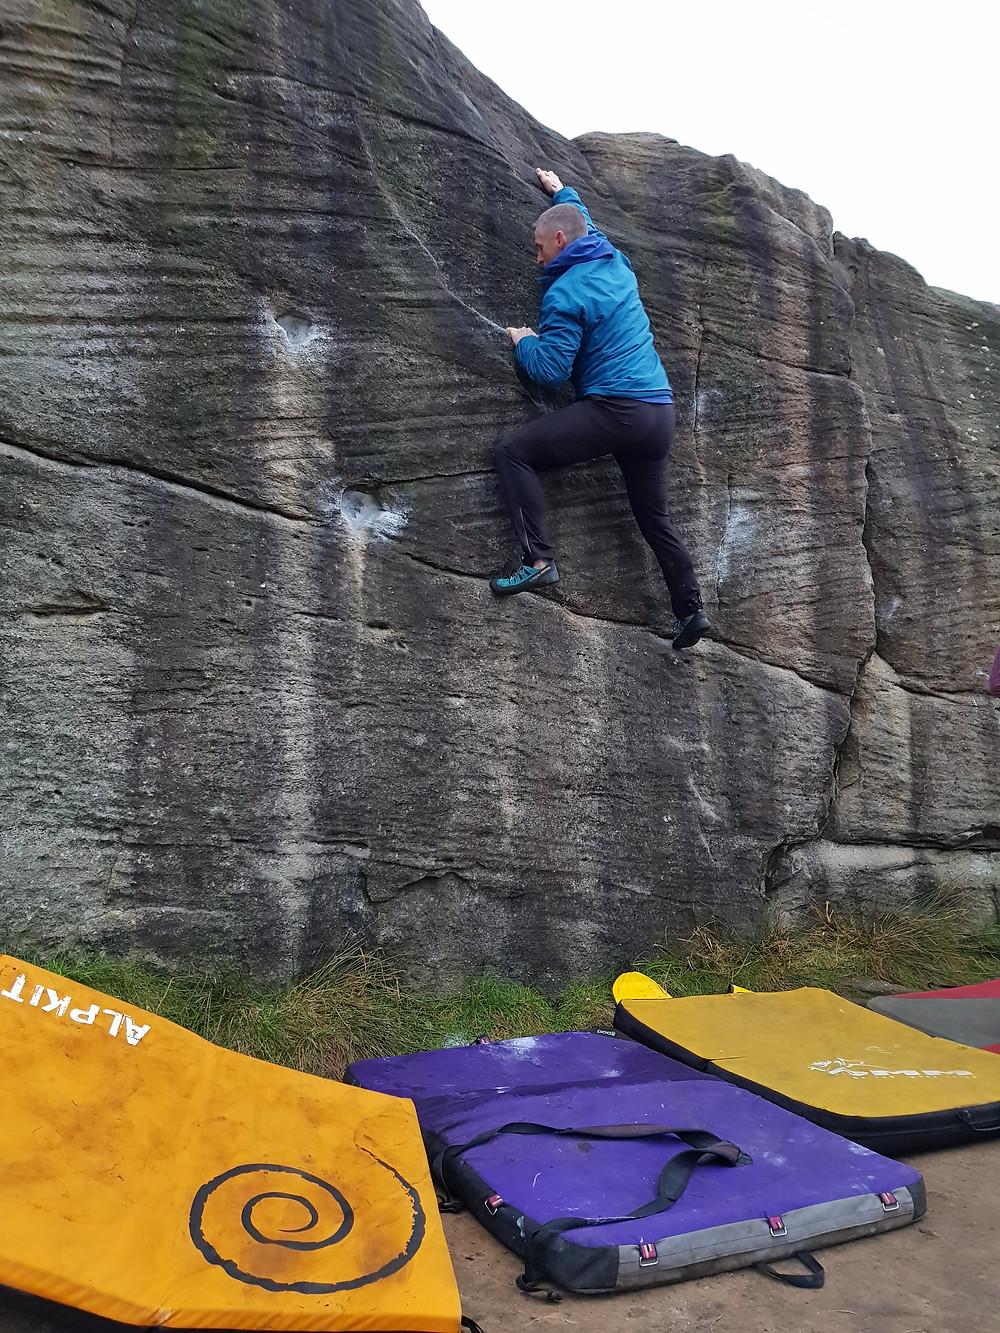 David bouldering at Curbar